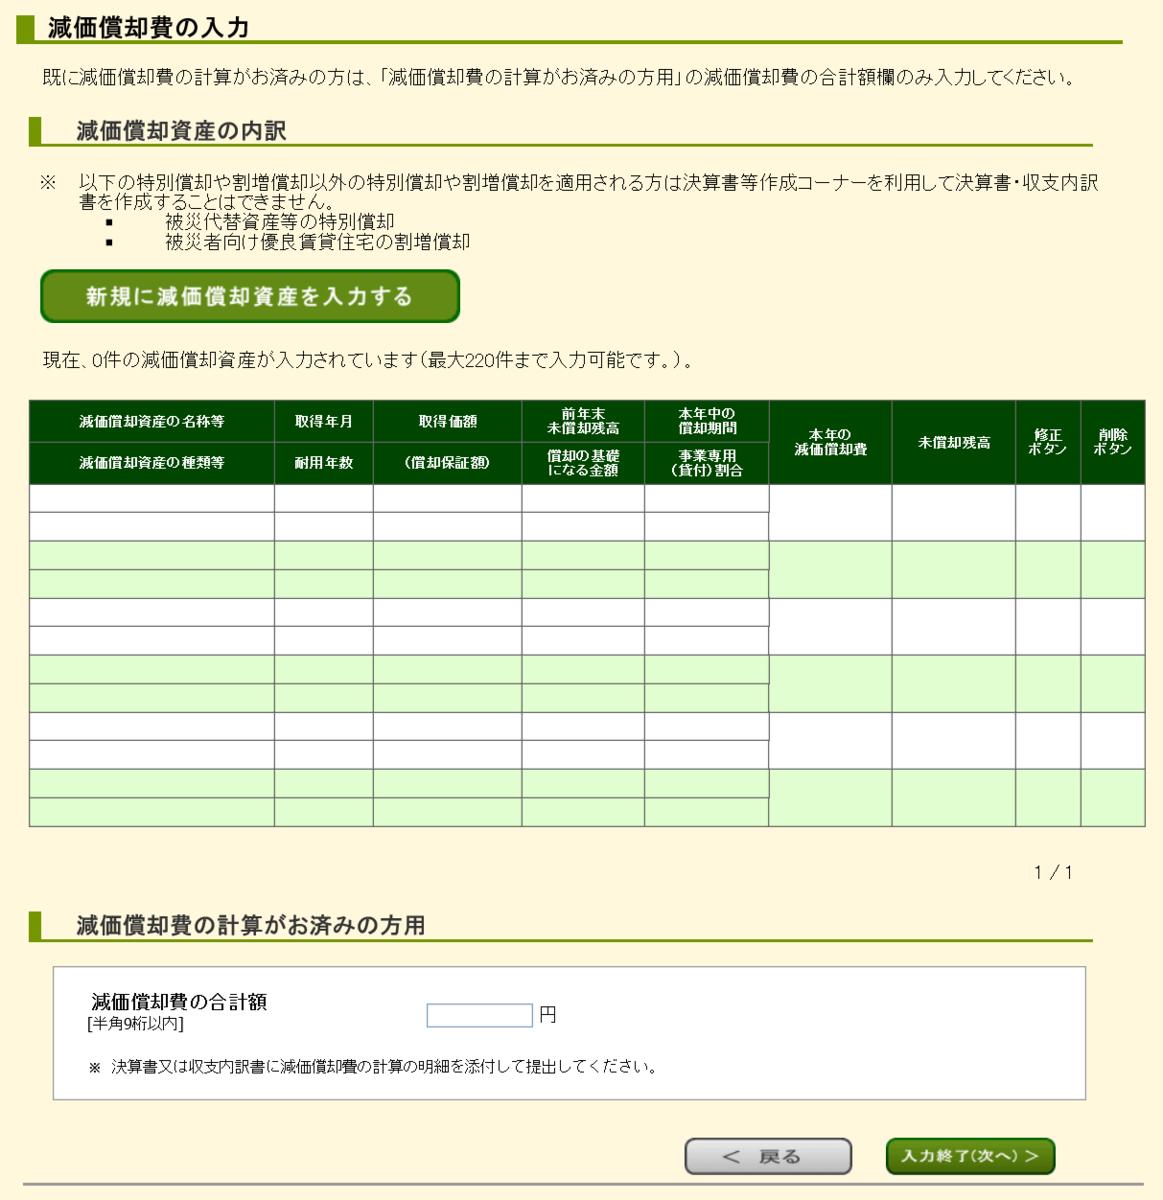 f:id:matsudamper:20200405065512p:plain:w500